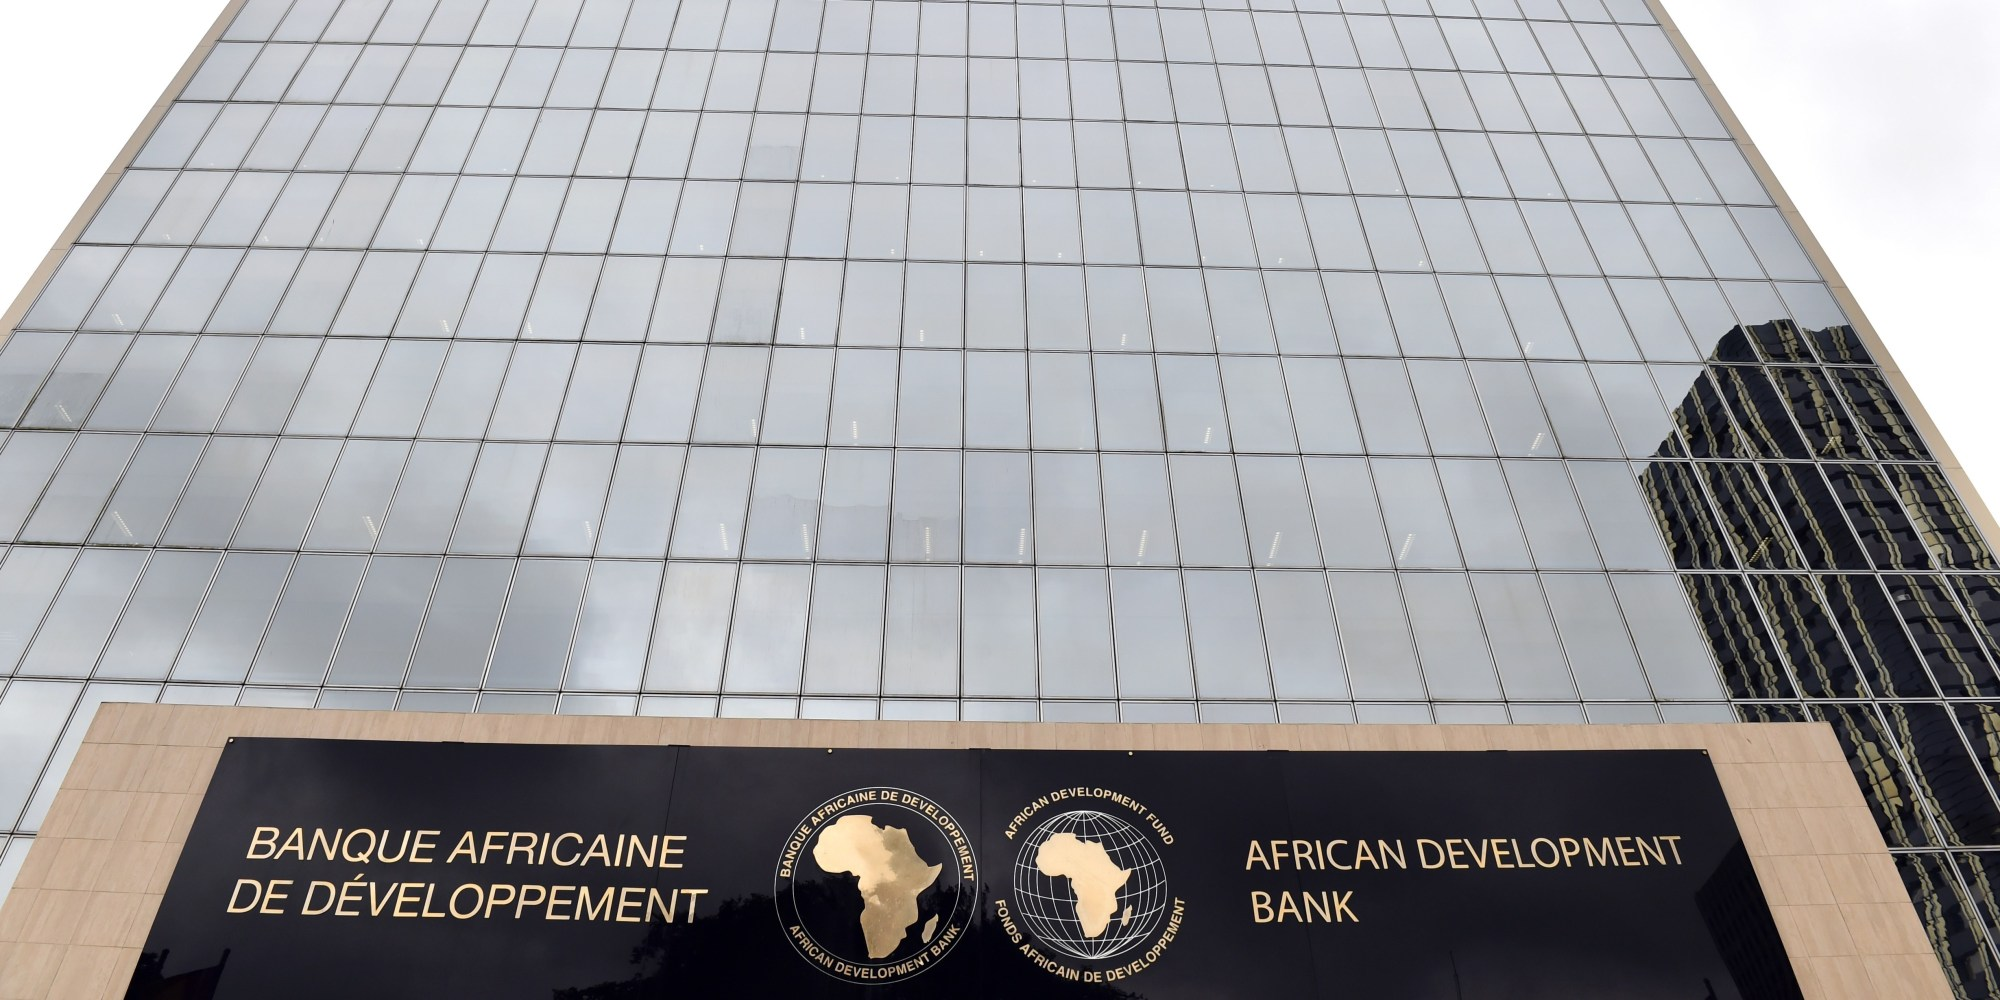 Banque africaine de développement : S&P Global confirme la note AAA avec une perspective stable. ©DR